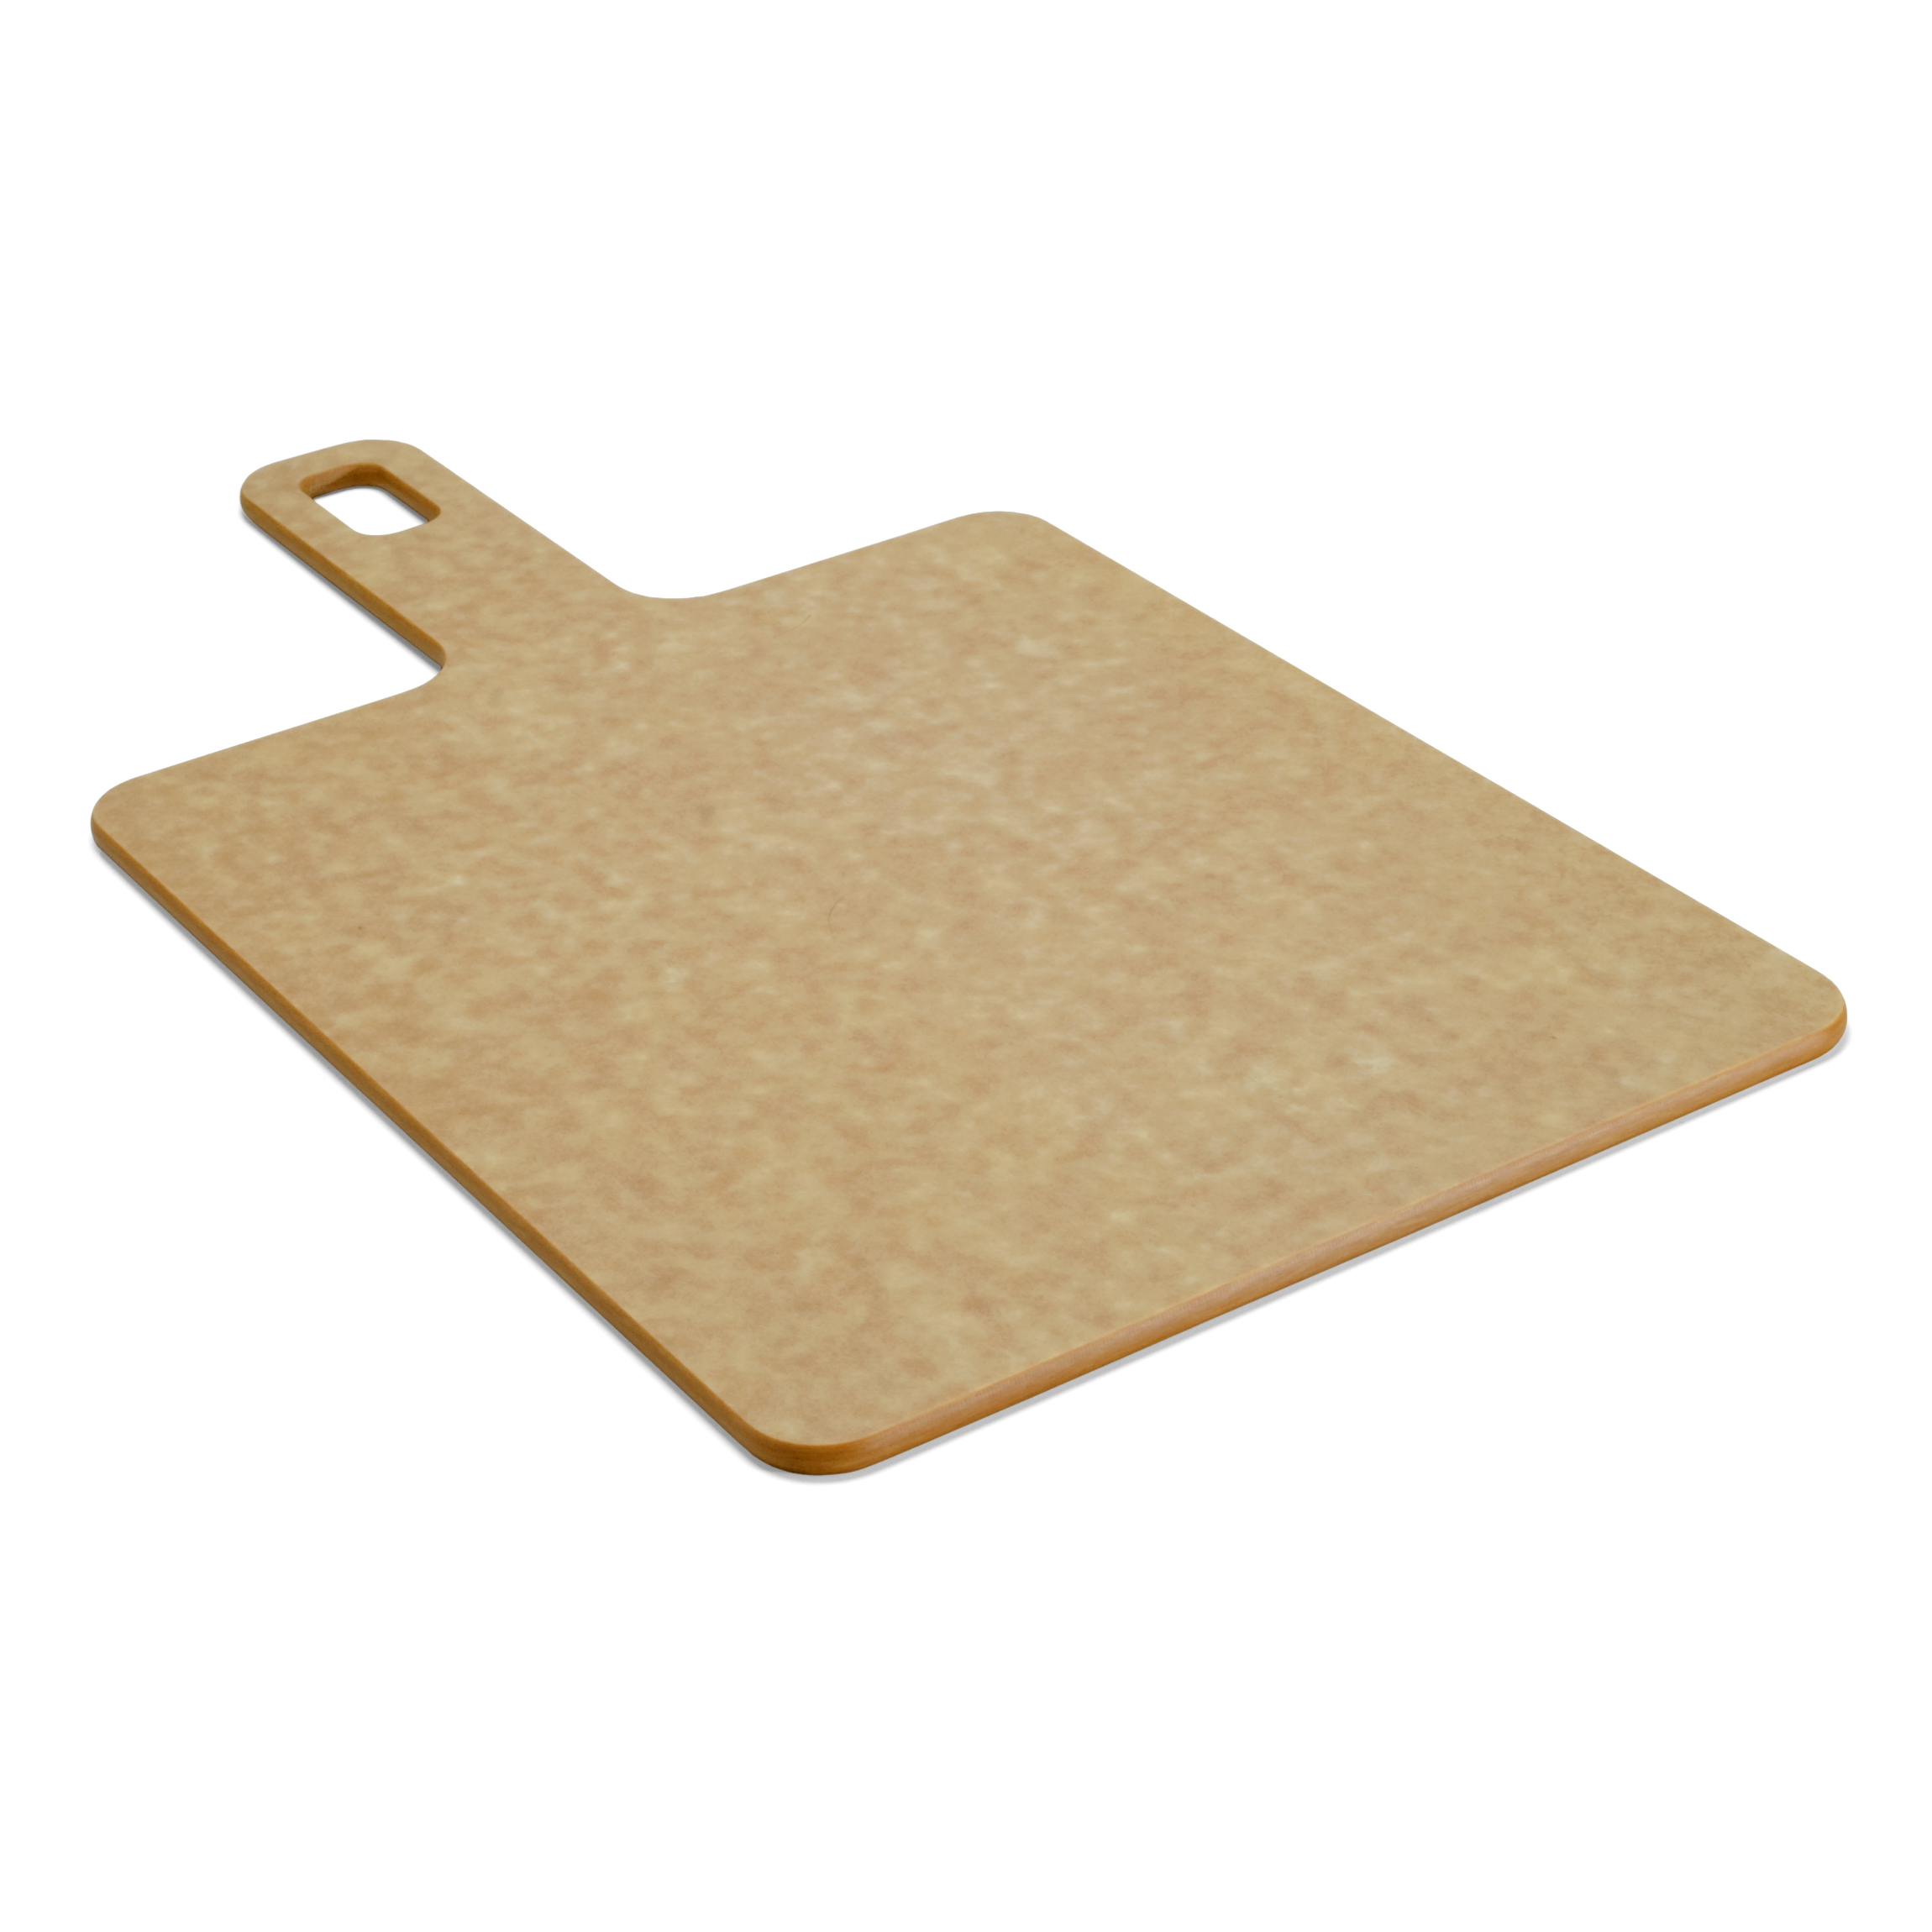 Epicurean Handy Series Natural 9 x 7 Inch Cutting Board